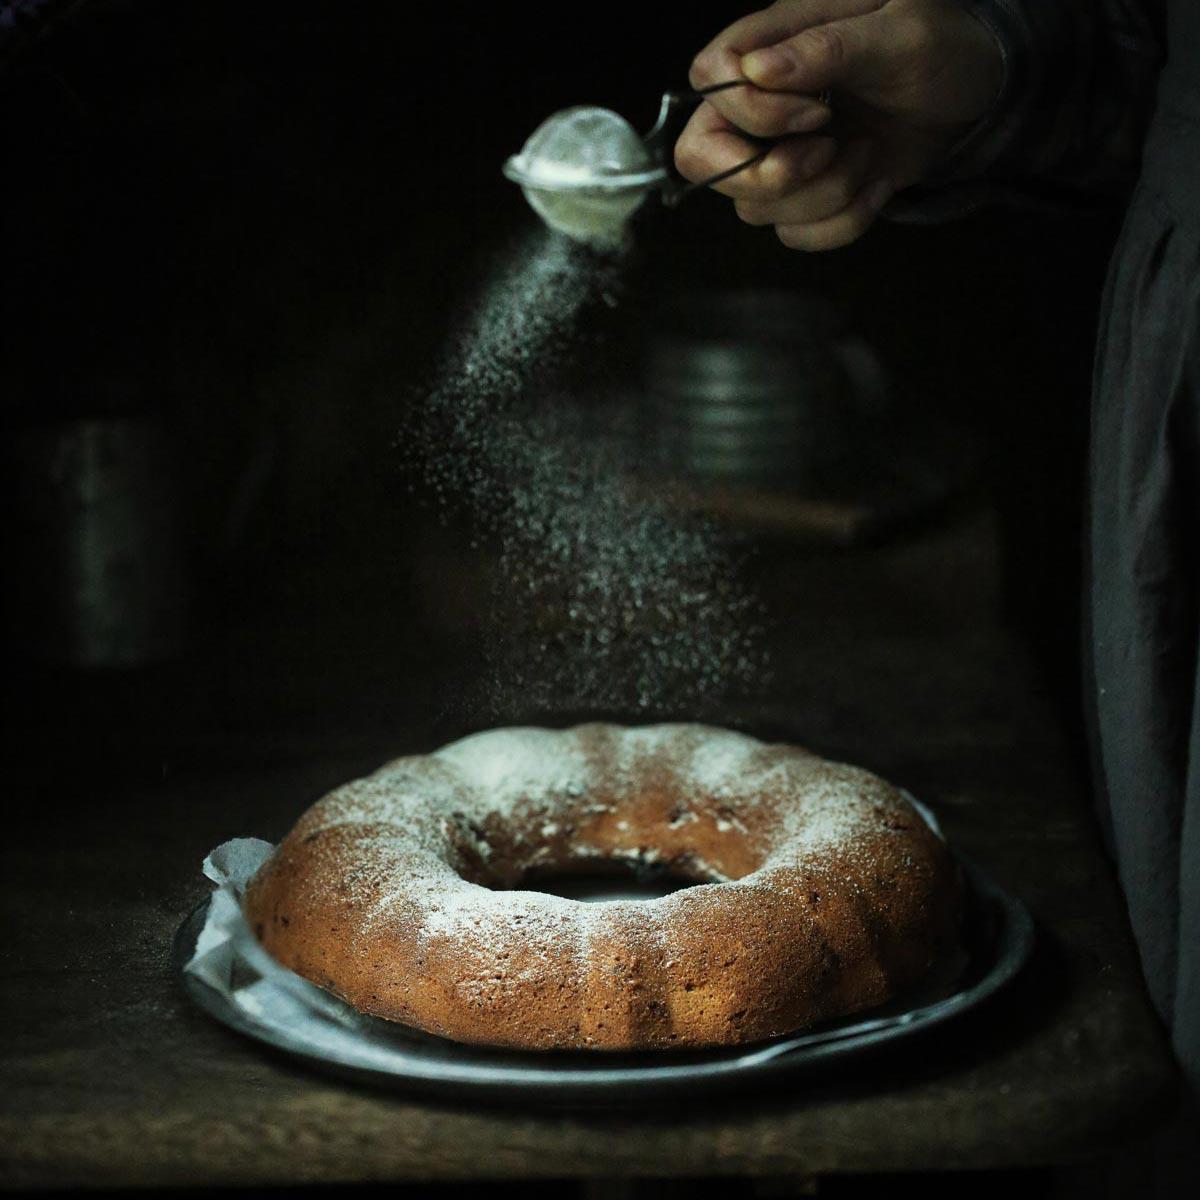 Еда фотография ручной порошок Пыльник порошок сито шар серебро маленький фотографический реквизит